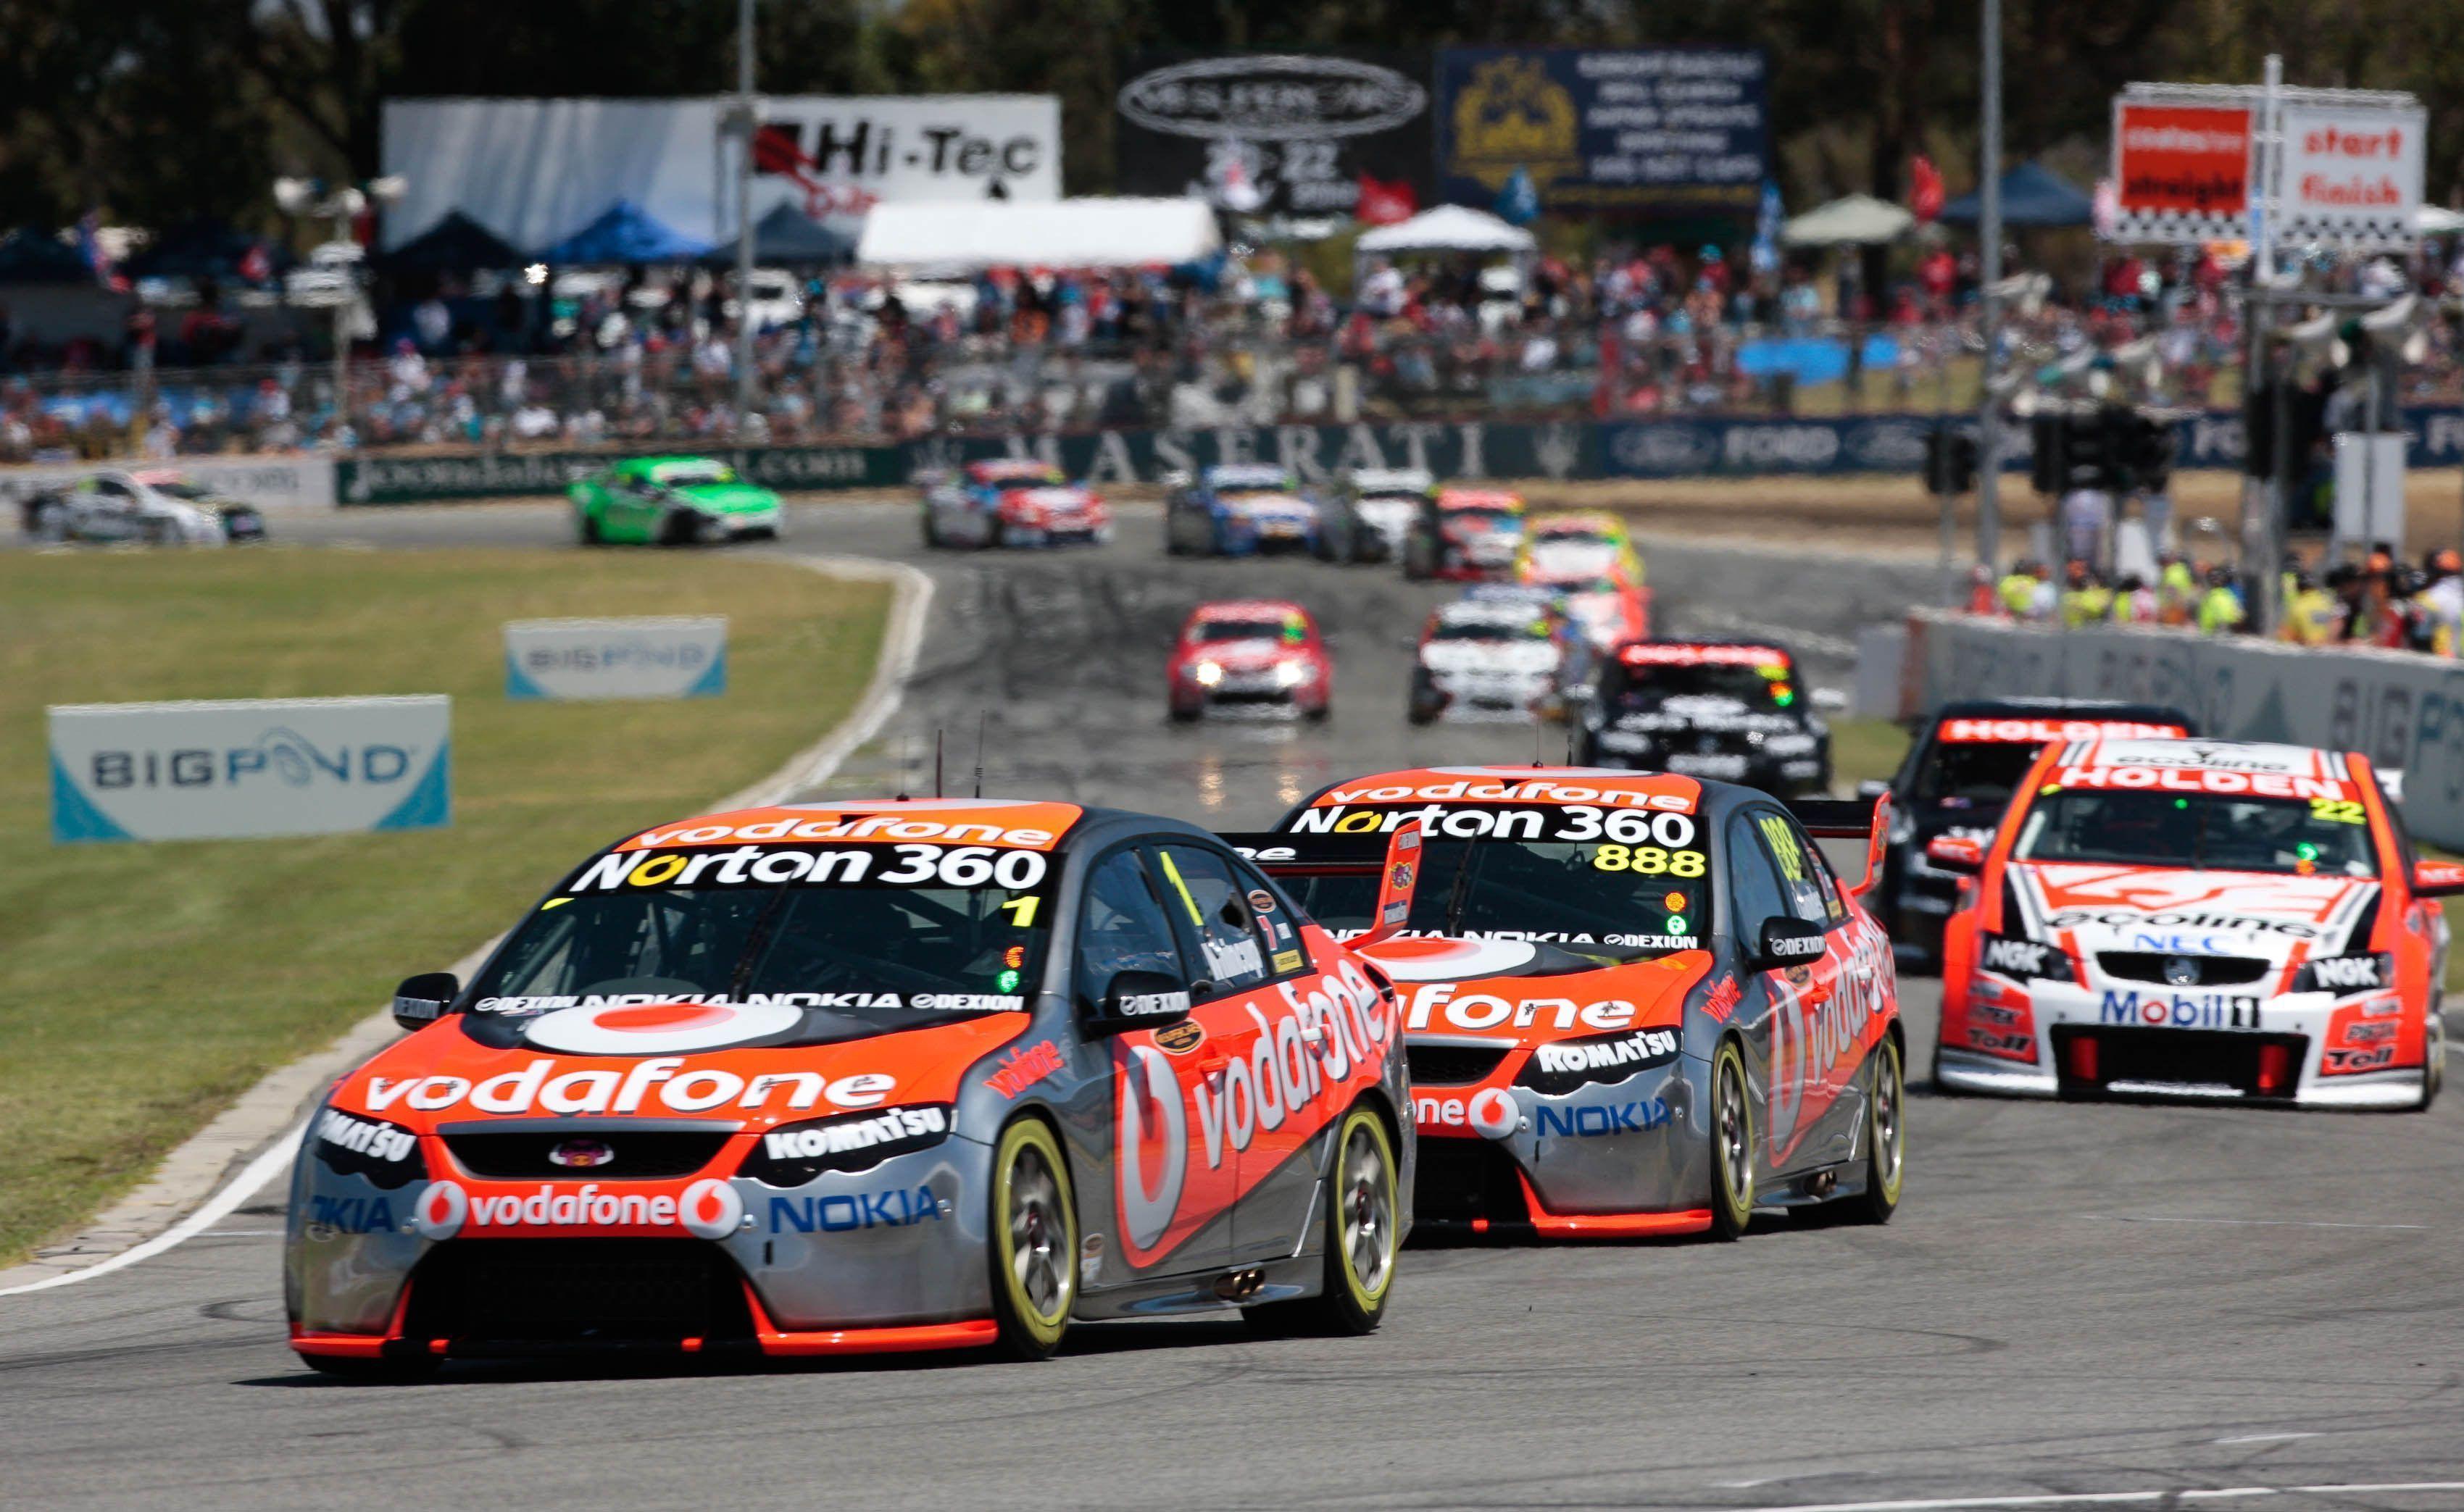 Car Racing Tv Shows